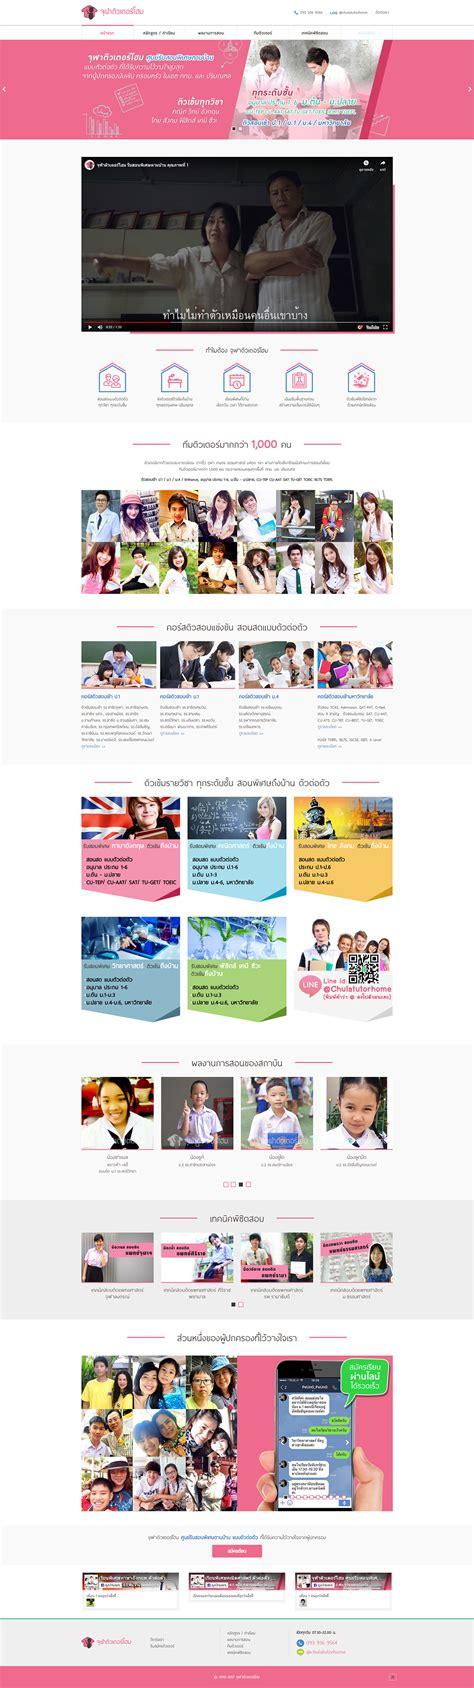 PUBLISH IDEA - บริษัท รับทำเว็บ รับจ้างทำเว็บไซต์ รับ ...